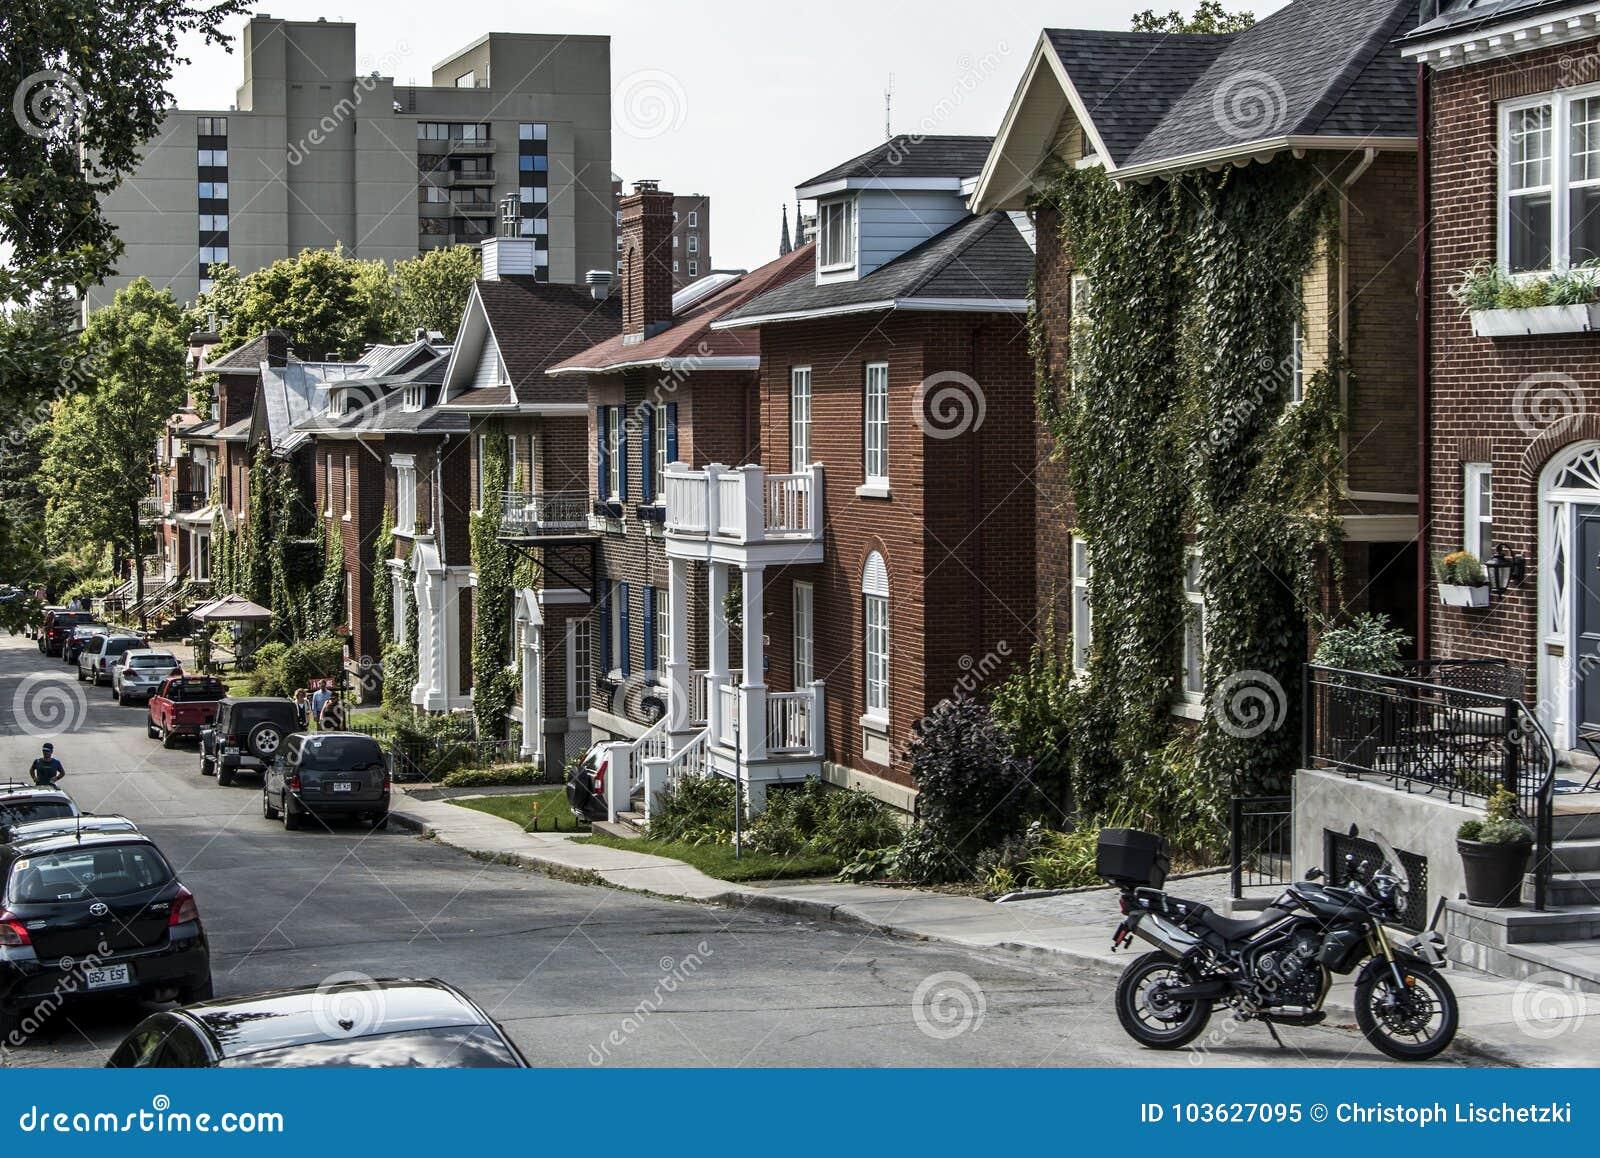 QUEBEC CITY KANADA 13 09 2017 bilar parkerade framme av europeiska arkitekturradhus i den gamla Quebec Kanada ledaren